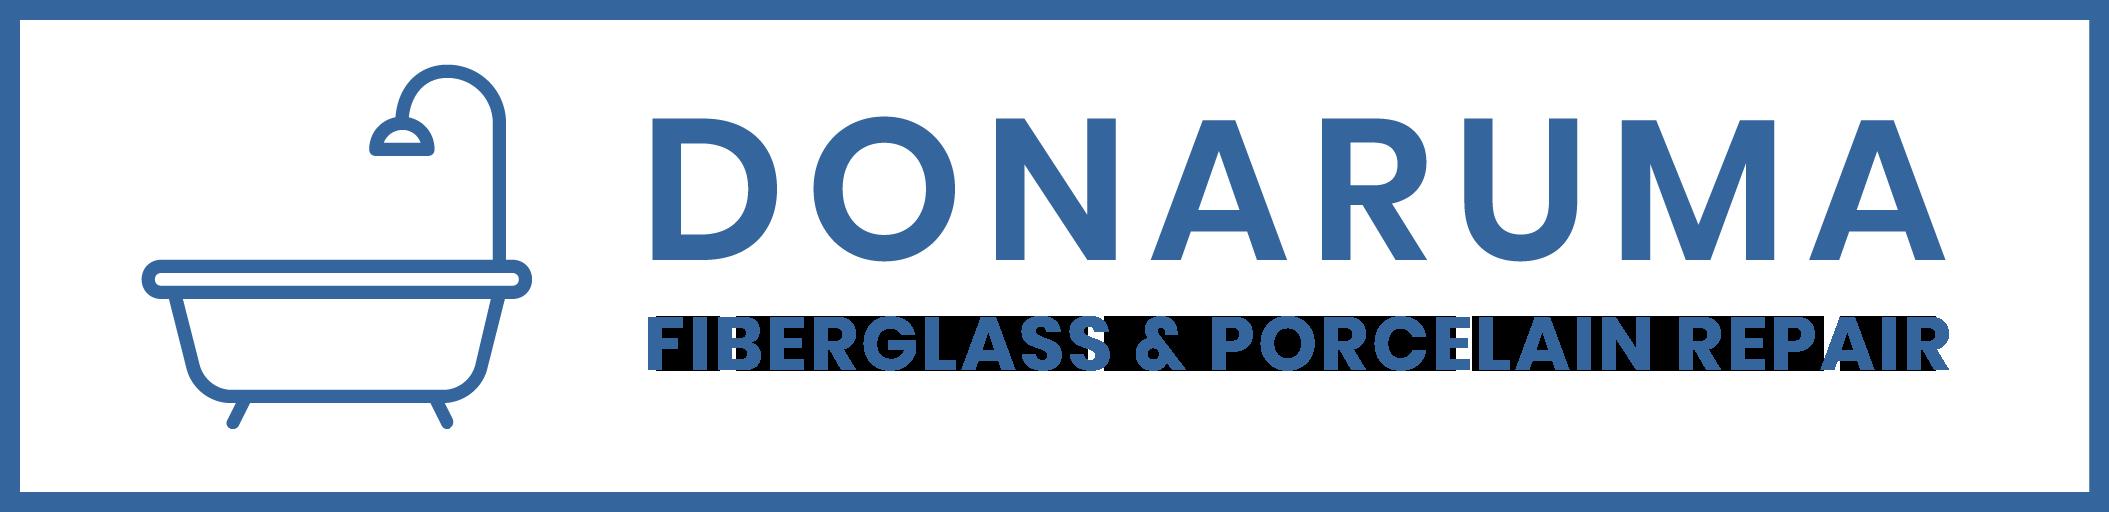 Donaruma Fiberglass Repair